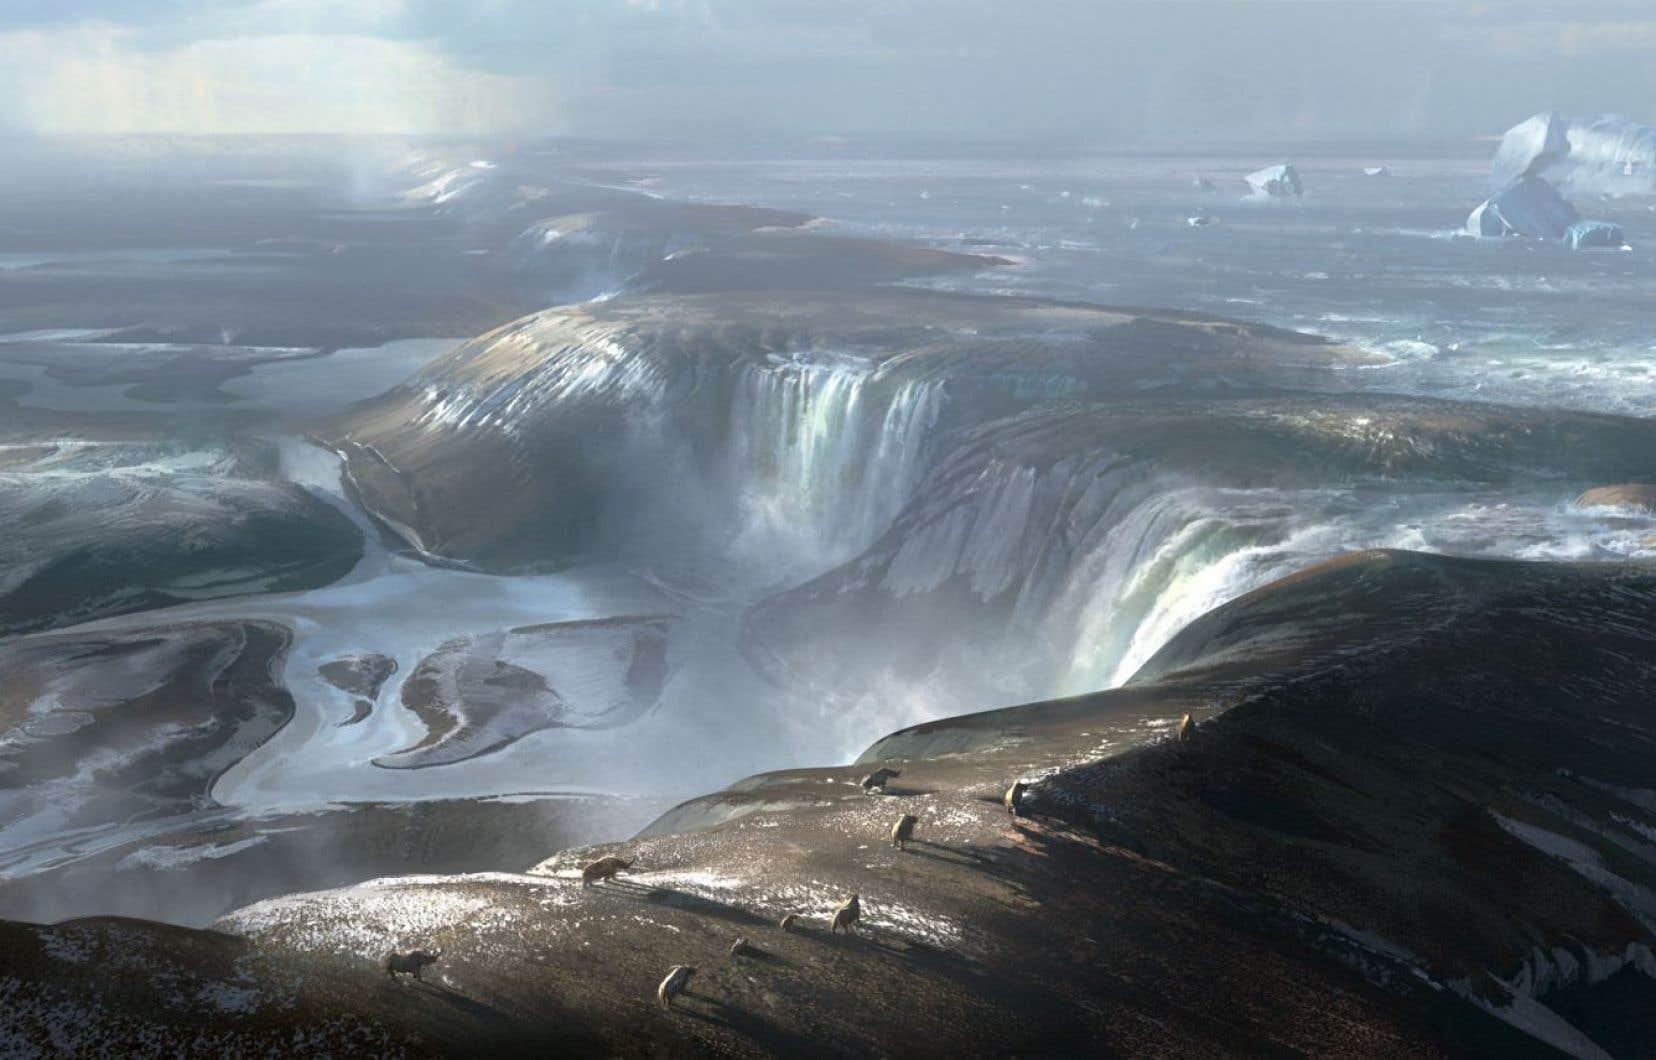 Une gigantesque chute d'eau large de dizaines de kilomètres a vraisemblablement érodé la crête rocheuse qui reliait l'Angleterre au continent européen, il y a 450 000 ans.